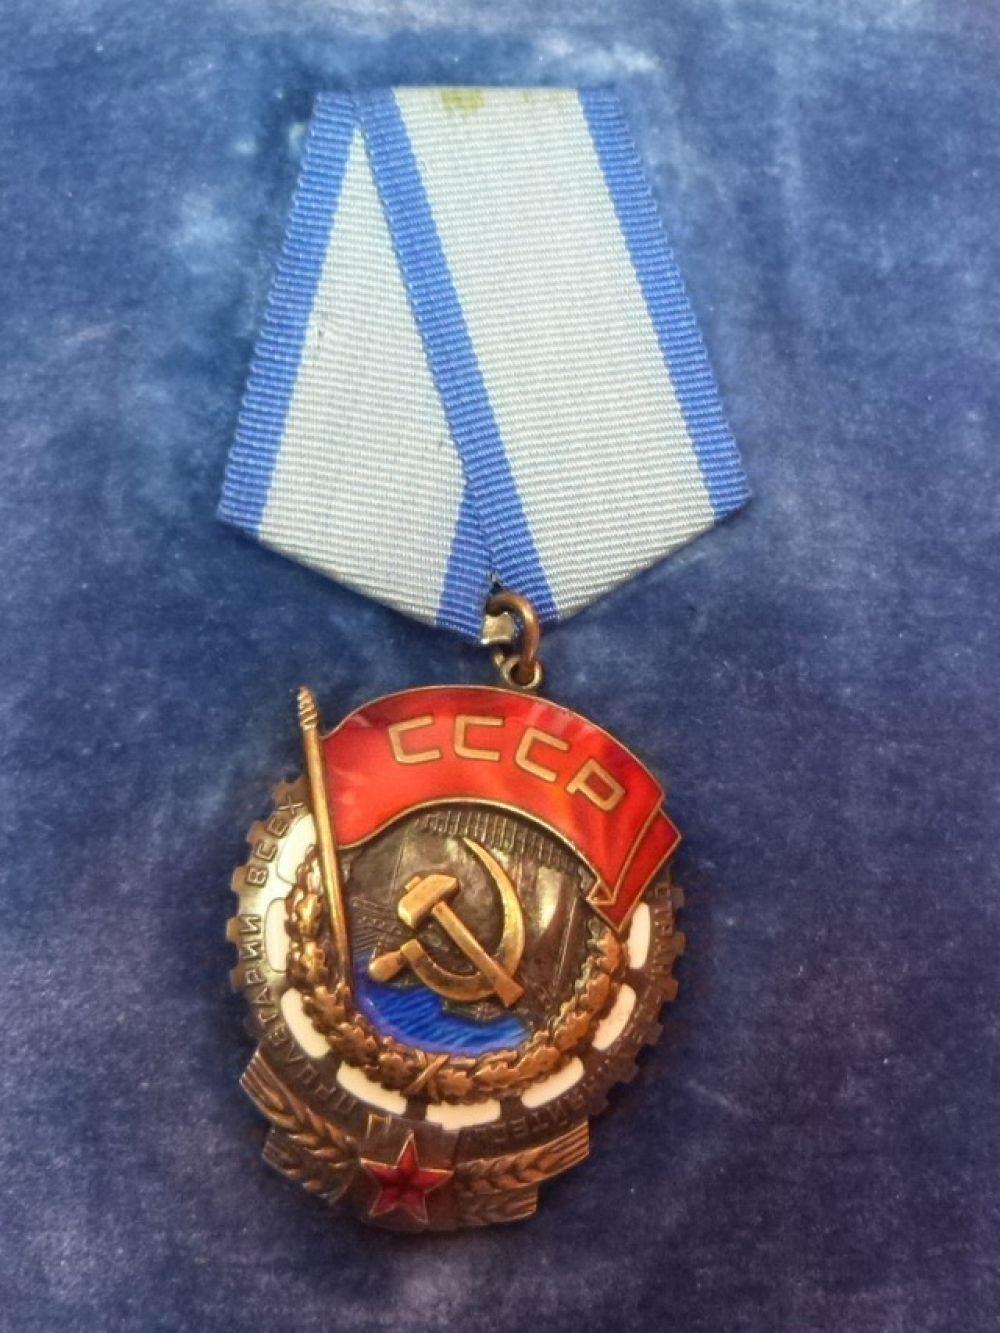 В 1976 году хозяйство было награждено Орденом Трудового Красного Знамени за большие успехи, достигнутые в развитии сельскохозяйственного производства.